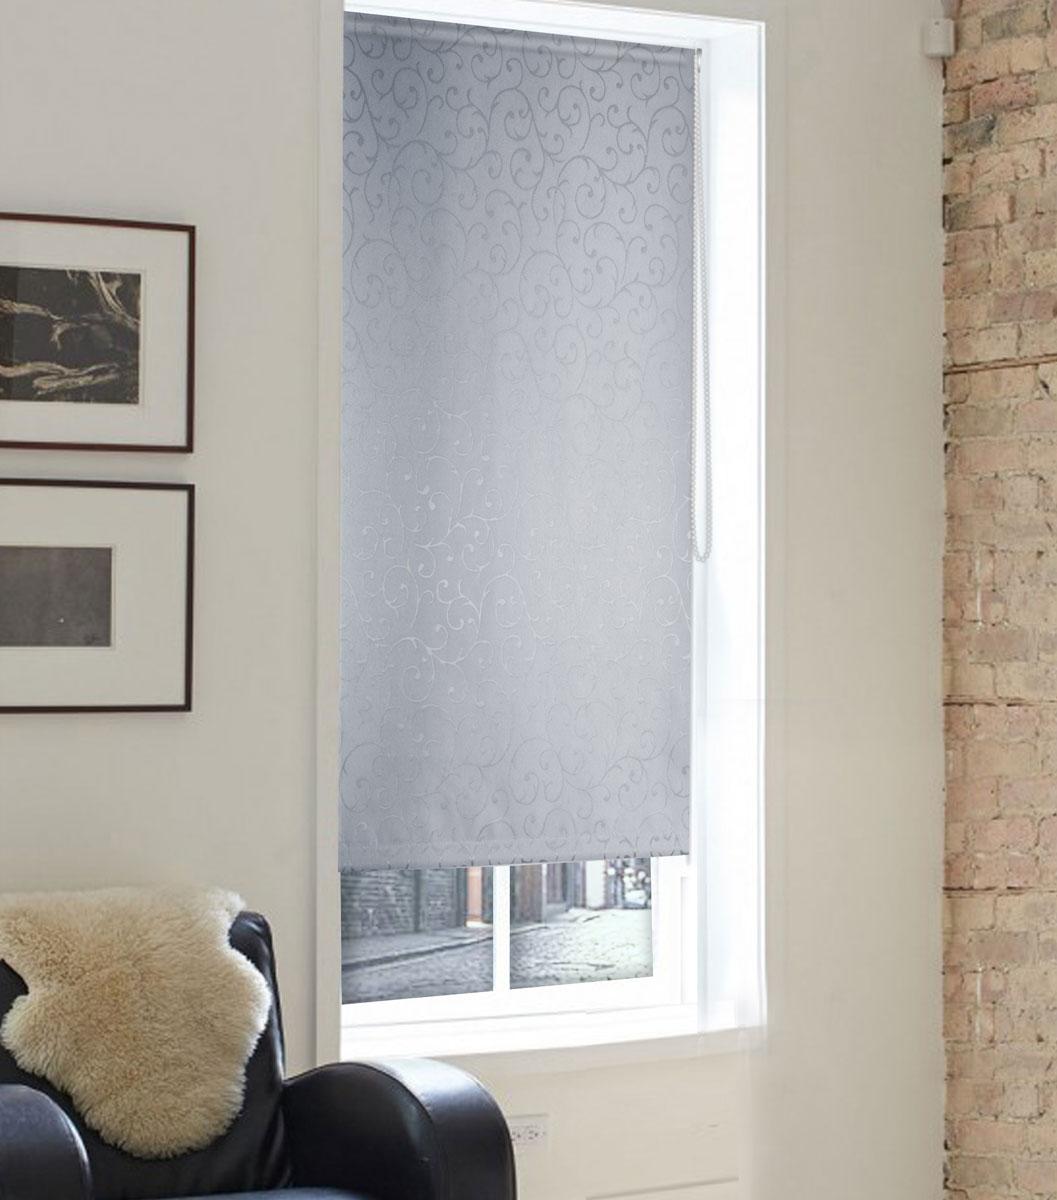 Штора рулонная Эскар Миниролло. Агат, фактурная, цвет: серый, ширина 57 см, высота 160 смZ-0307Рулонная штора Эскар Миниролло. Агат выполнена из высокопрочной ткани, которая сохраняет свой размер даже при намокании. Ткань не выцветает и обладает отличной цветоустойчивостью.Миниролло - это подвид рулонных штор, который закрывает не весь оконный проем, а непосредственно само стекло. Такие шторы крепятся на раму без сверления при помощи зажимов или клейкой двухсторонней ленты. Окно остается на гарантии, благодаря монтажу без сверления. Такая штора станет прекрасным элементом декора окна и гармонично впишется в интерьер любого помещения.